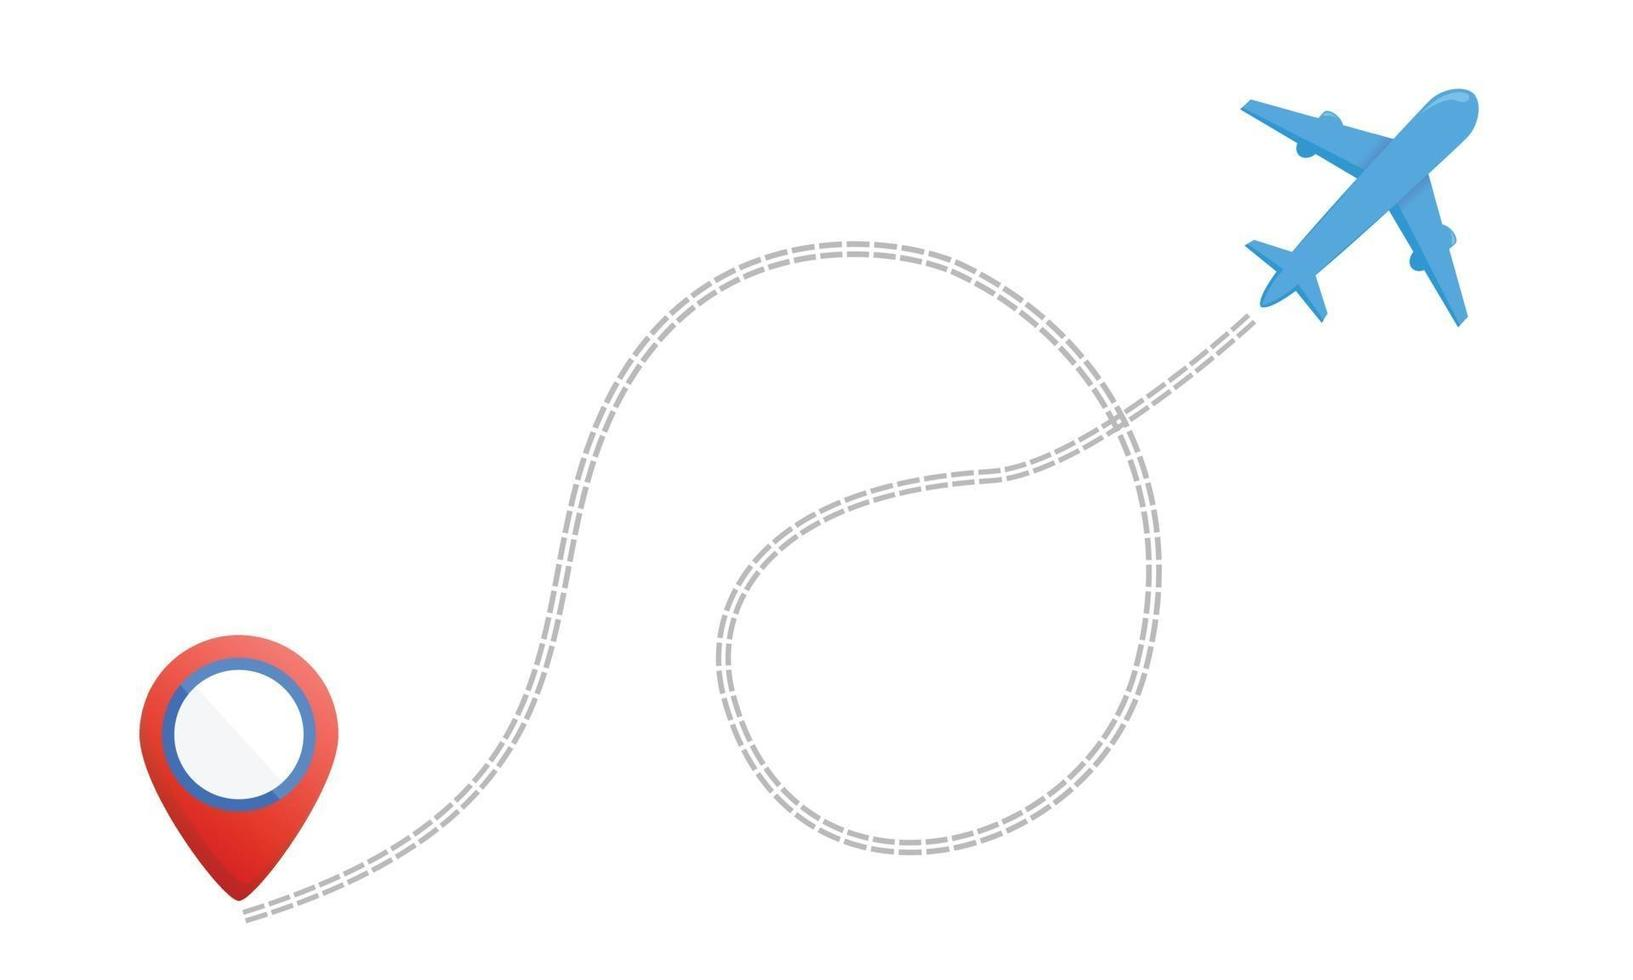 flygplanets linje, flygplansspårning, resande ikon, ikon för flygplanets flygväg vektor